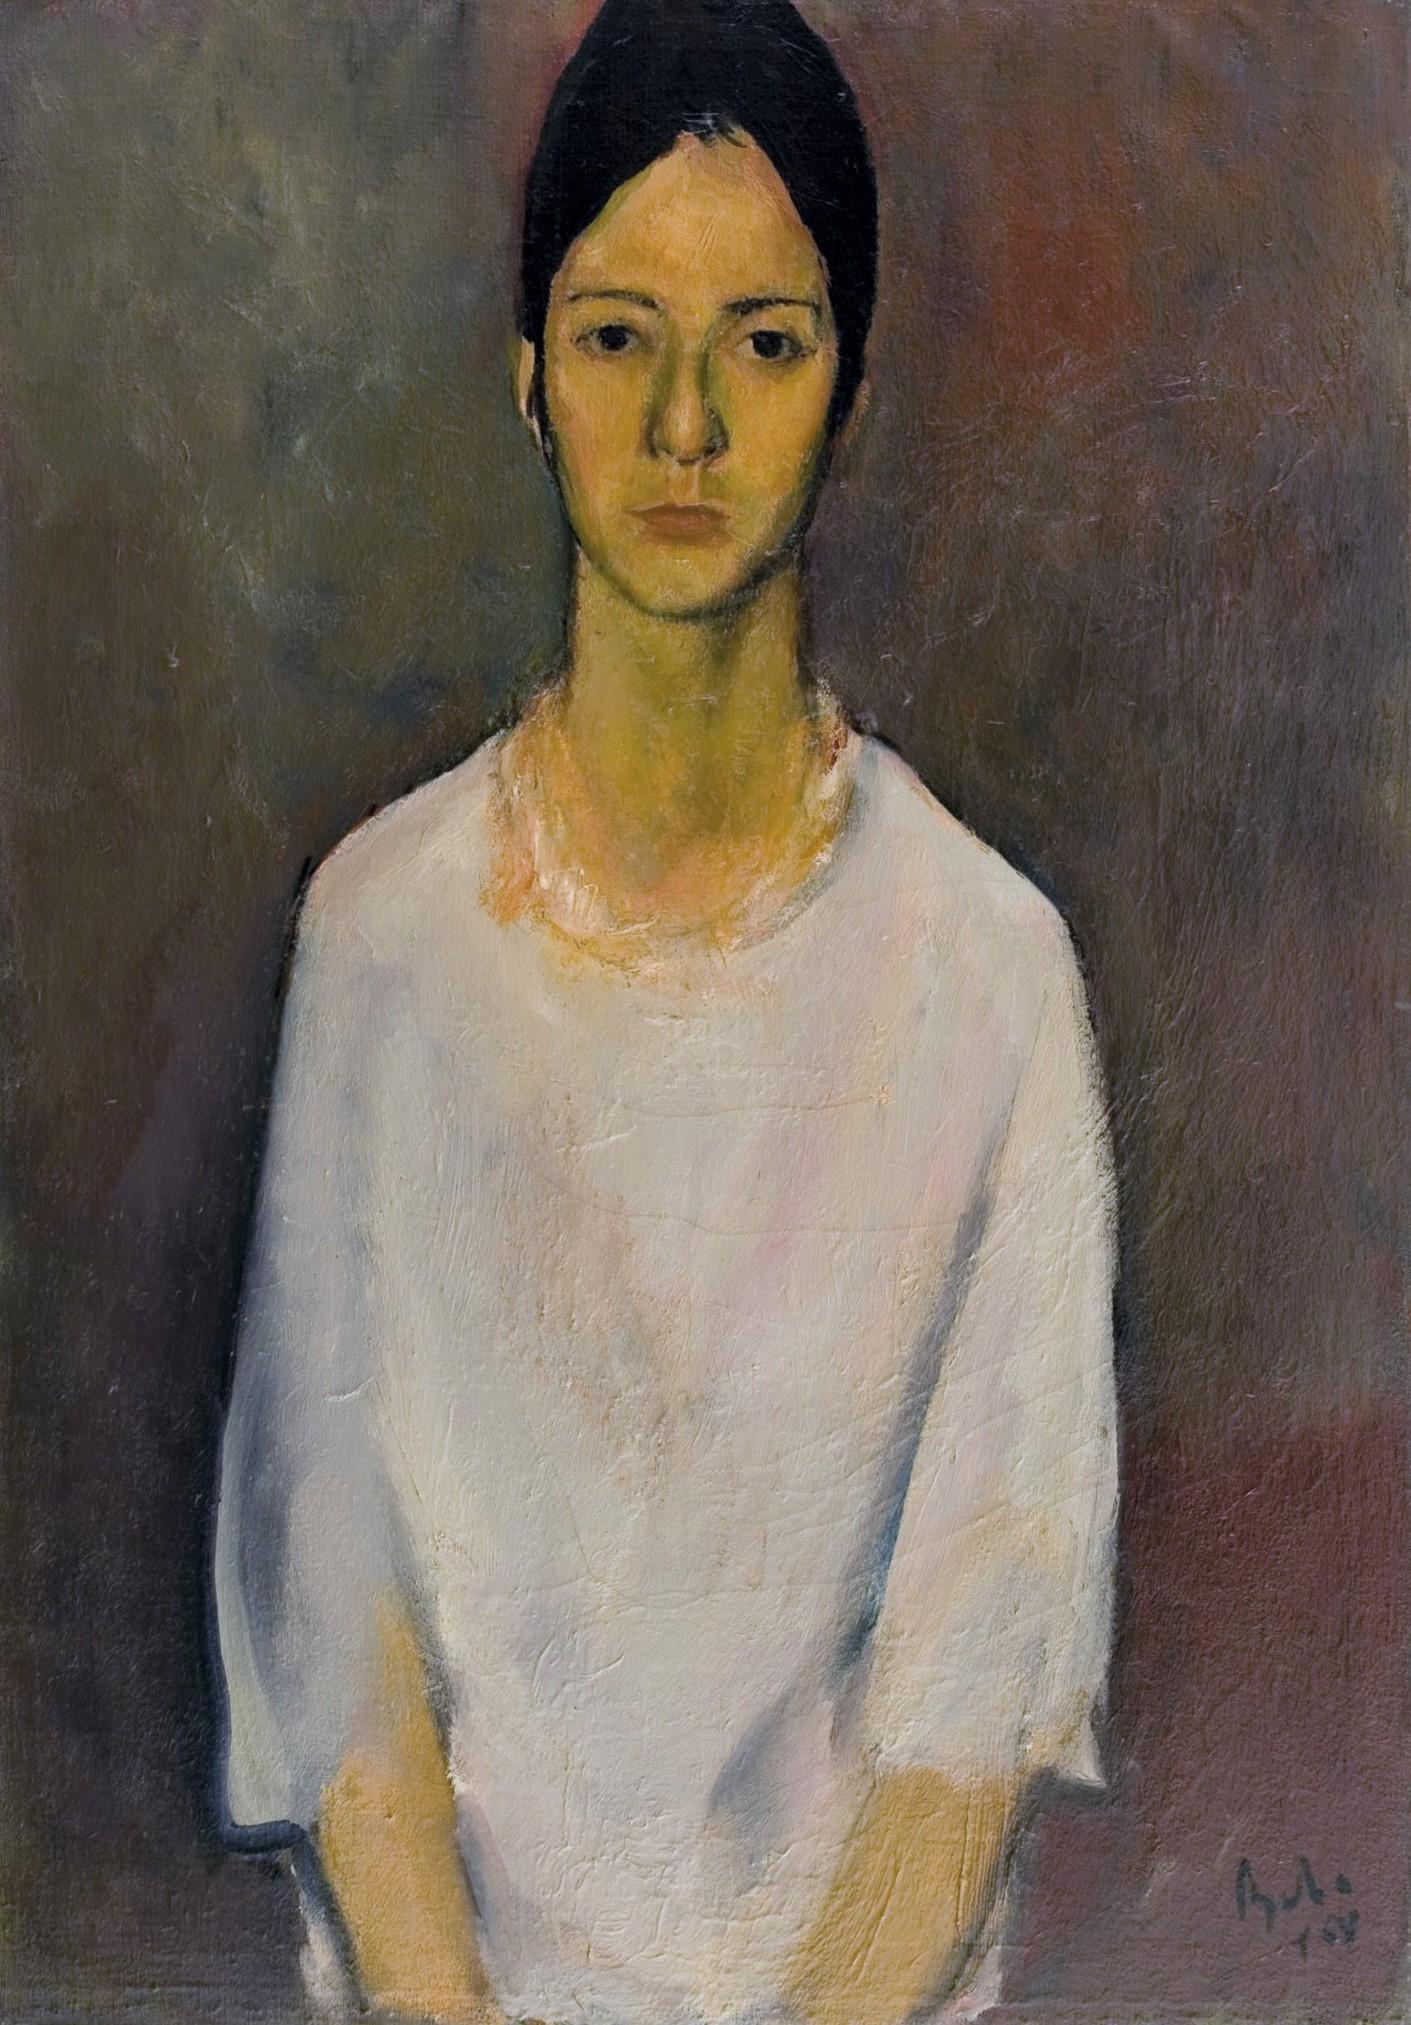 C. Baba - Portret de fata (Filona) - 1964